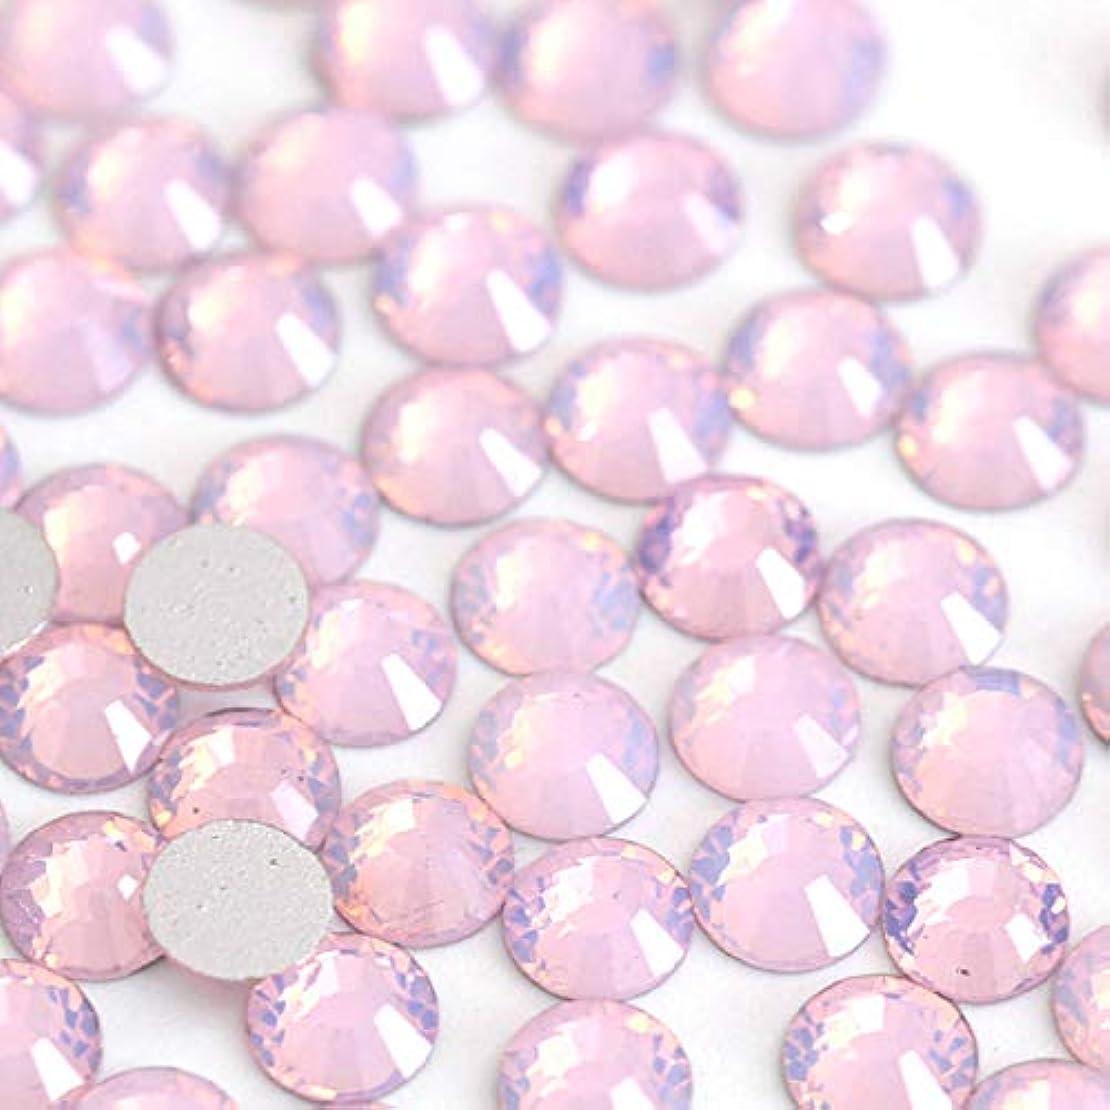 【ラインストーン77】 ガラス製ラインストーン ピンクオパール 各サイズ選択可能 スワロフスキー同等 (SS30 約45粒)